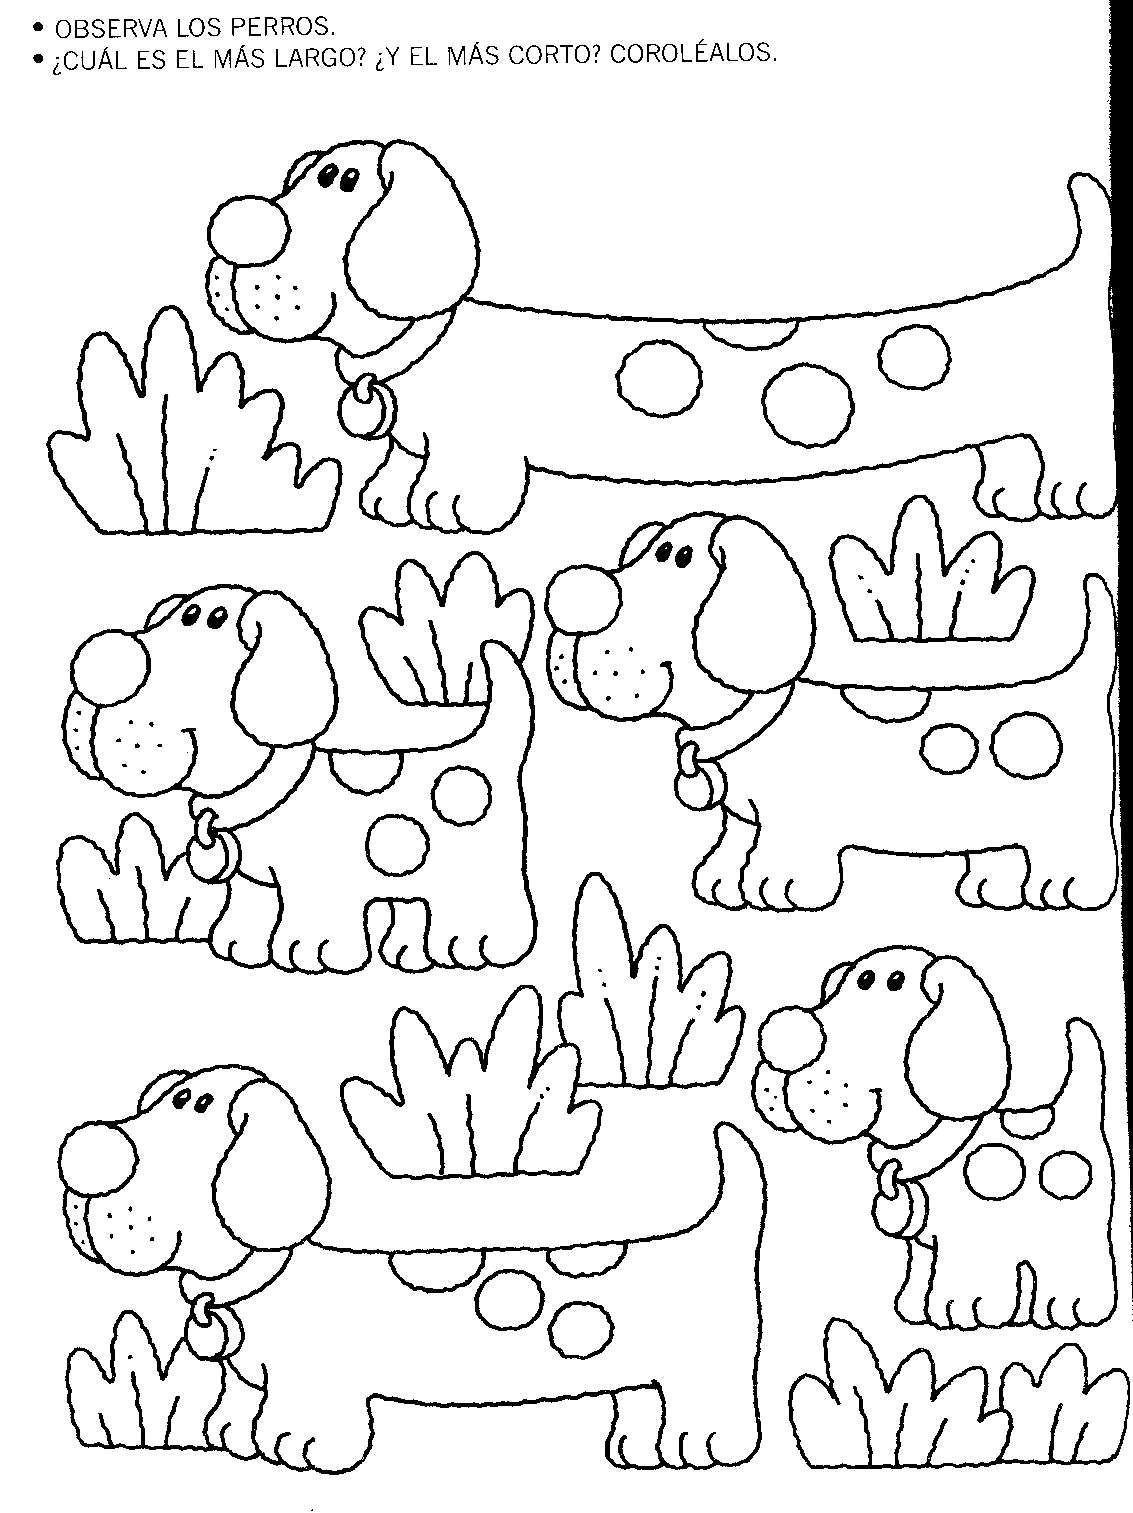 Resultado de imagen para dibujos largos y cortos para colorear ...